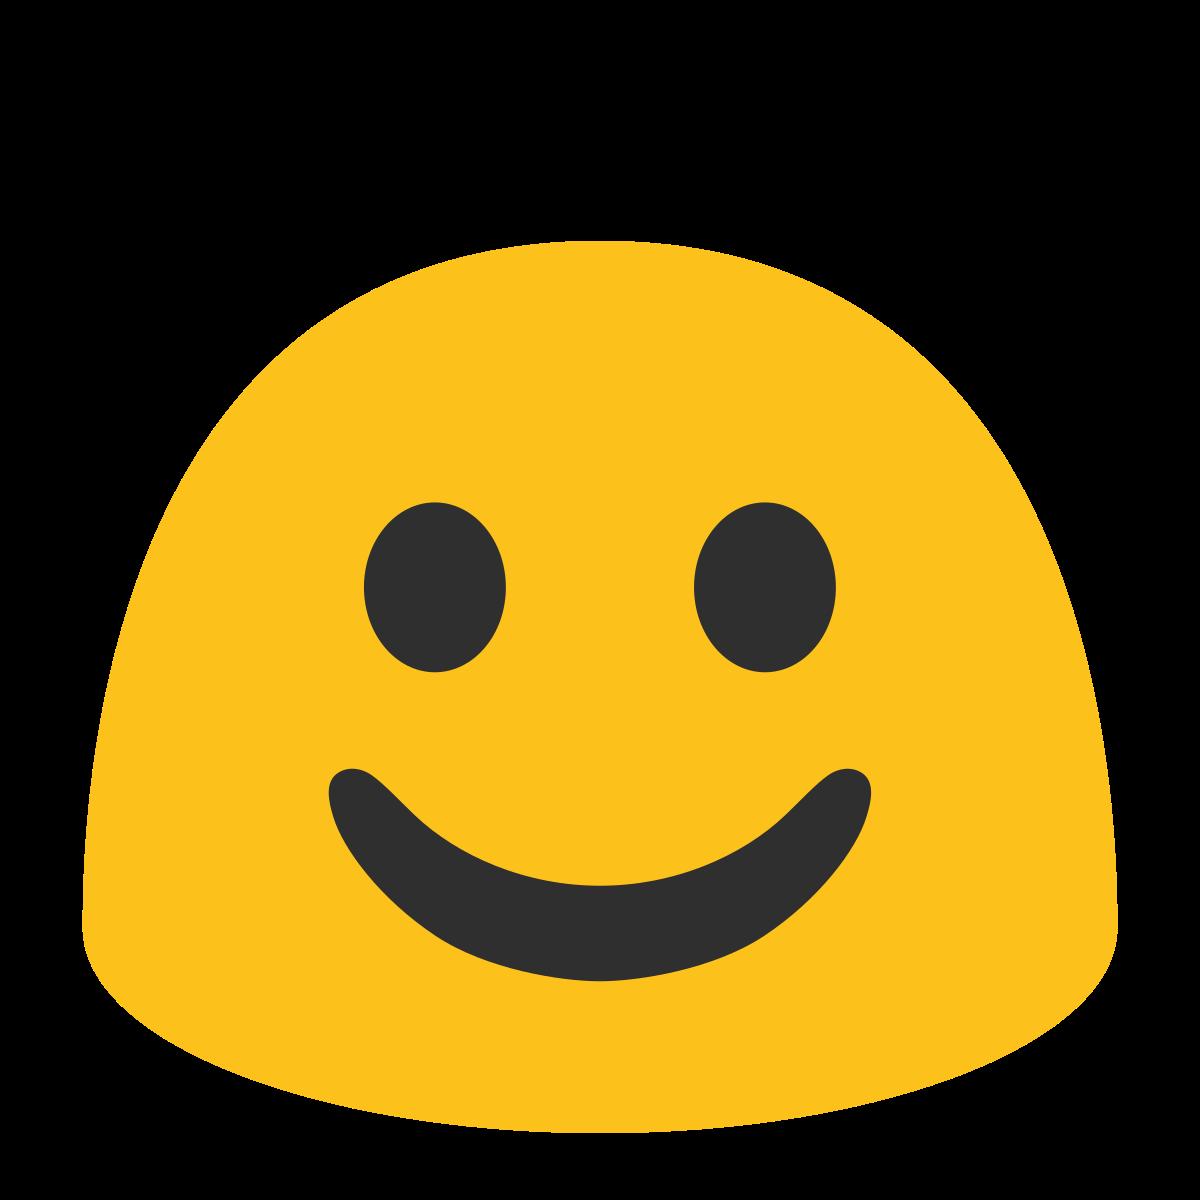 emoji_iphone